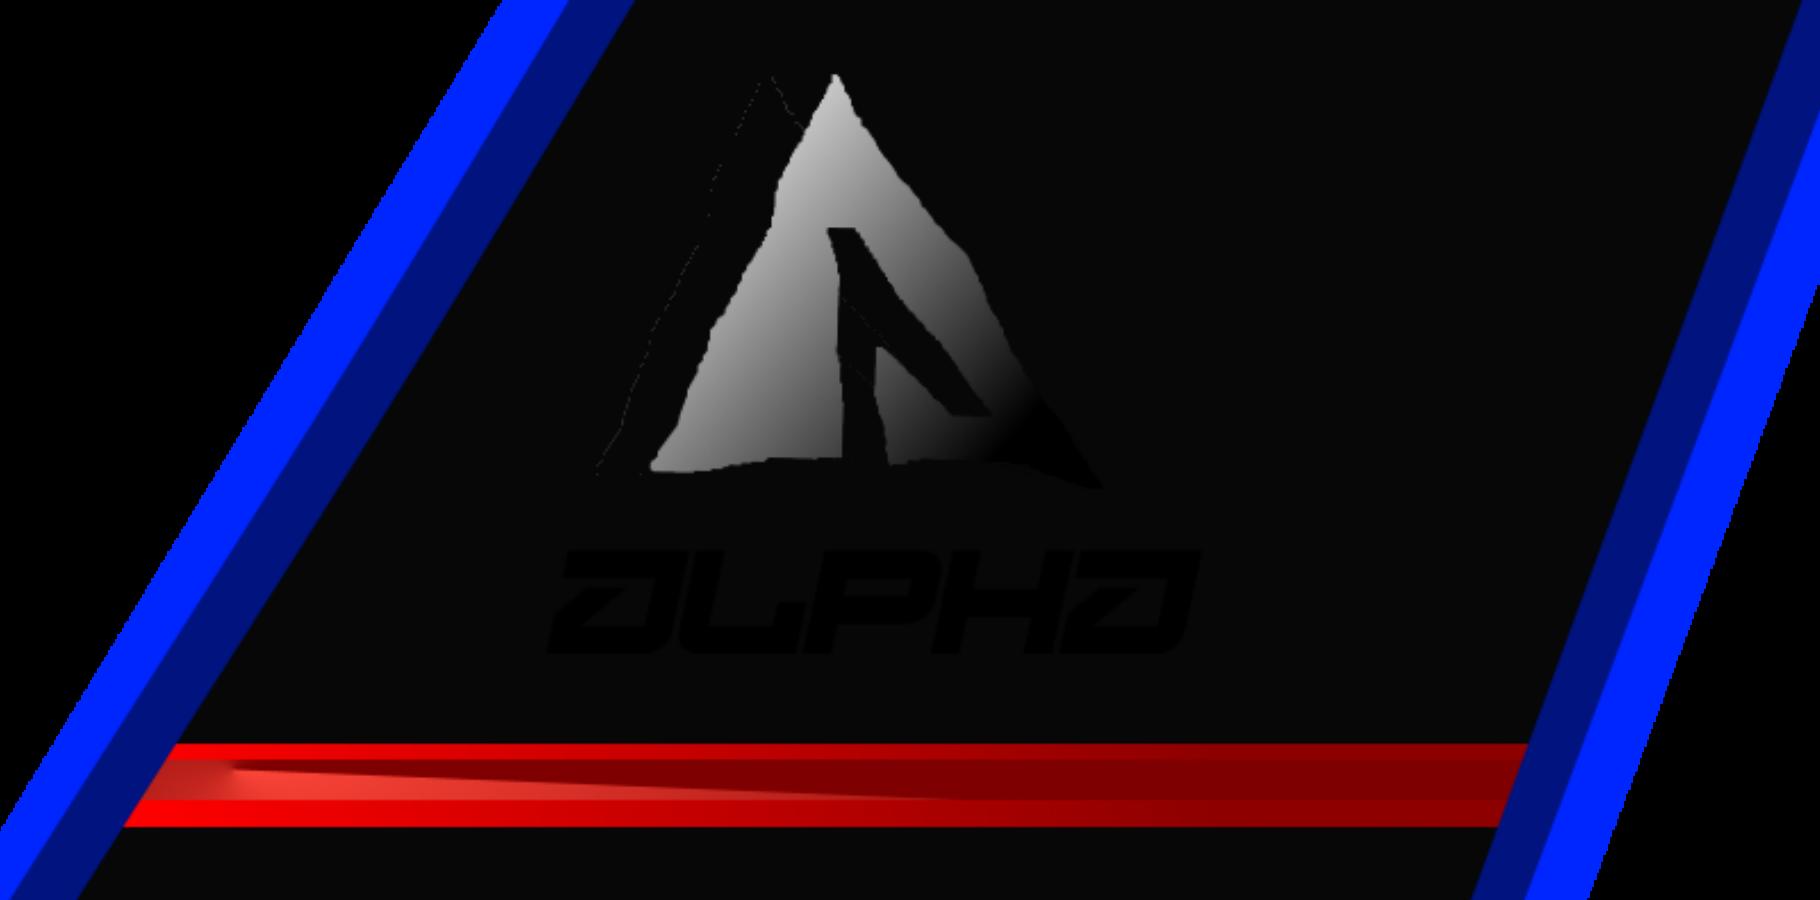 AlphaWallpaper